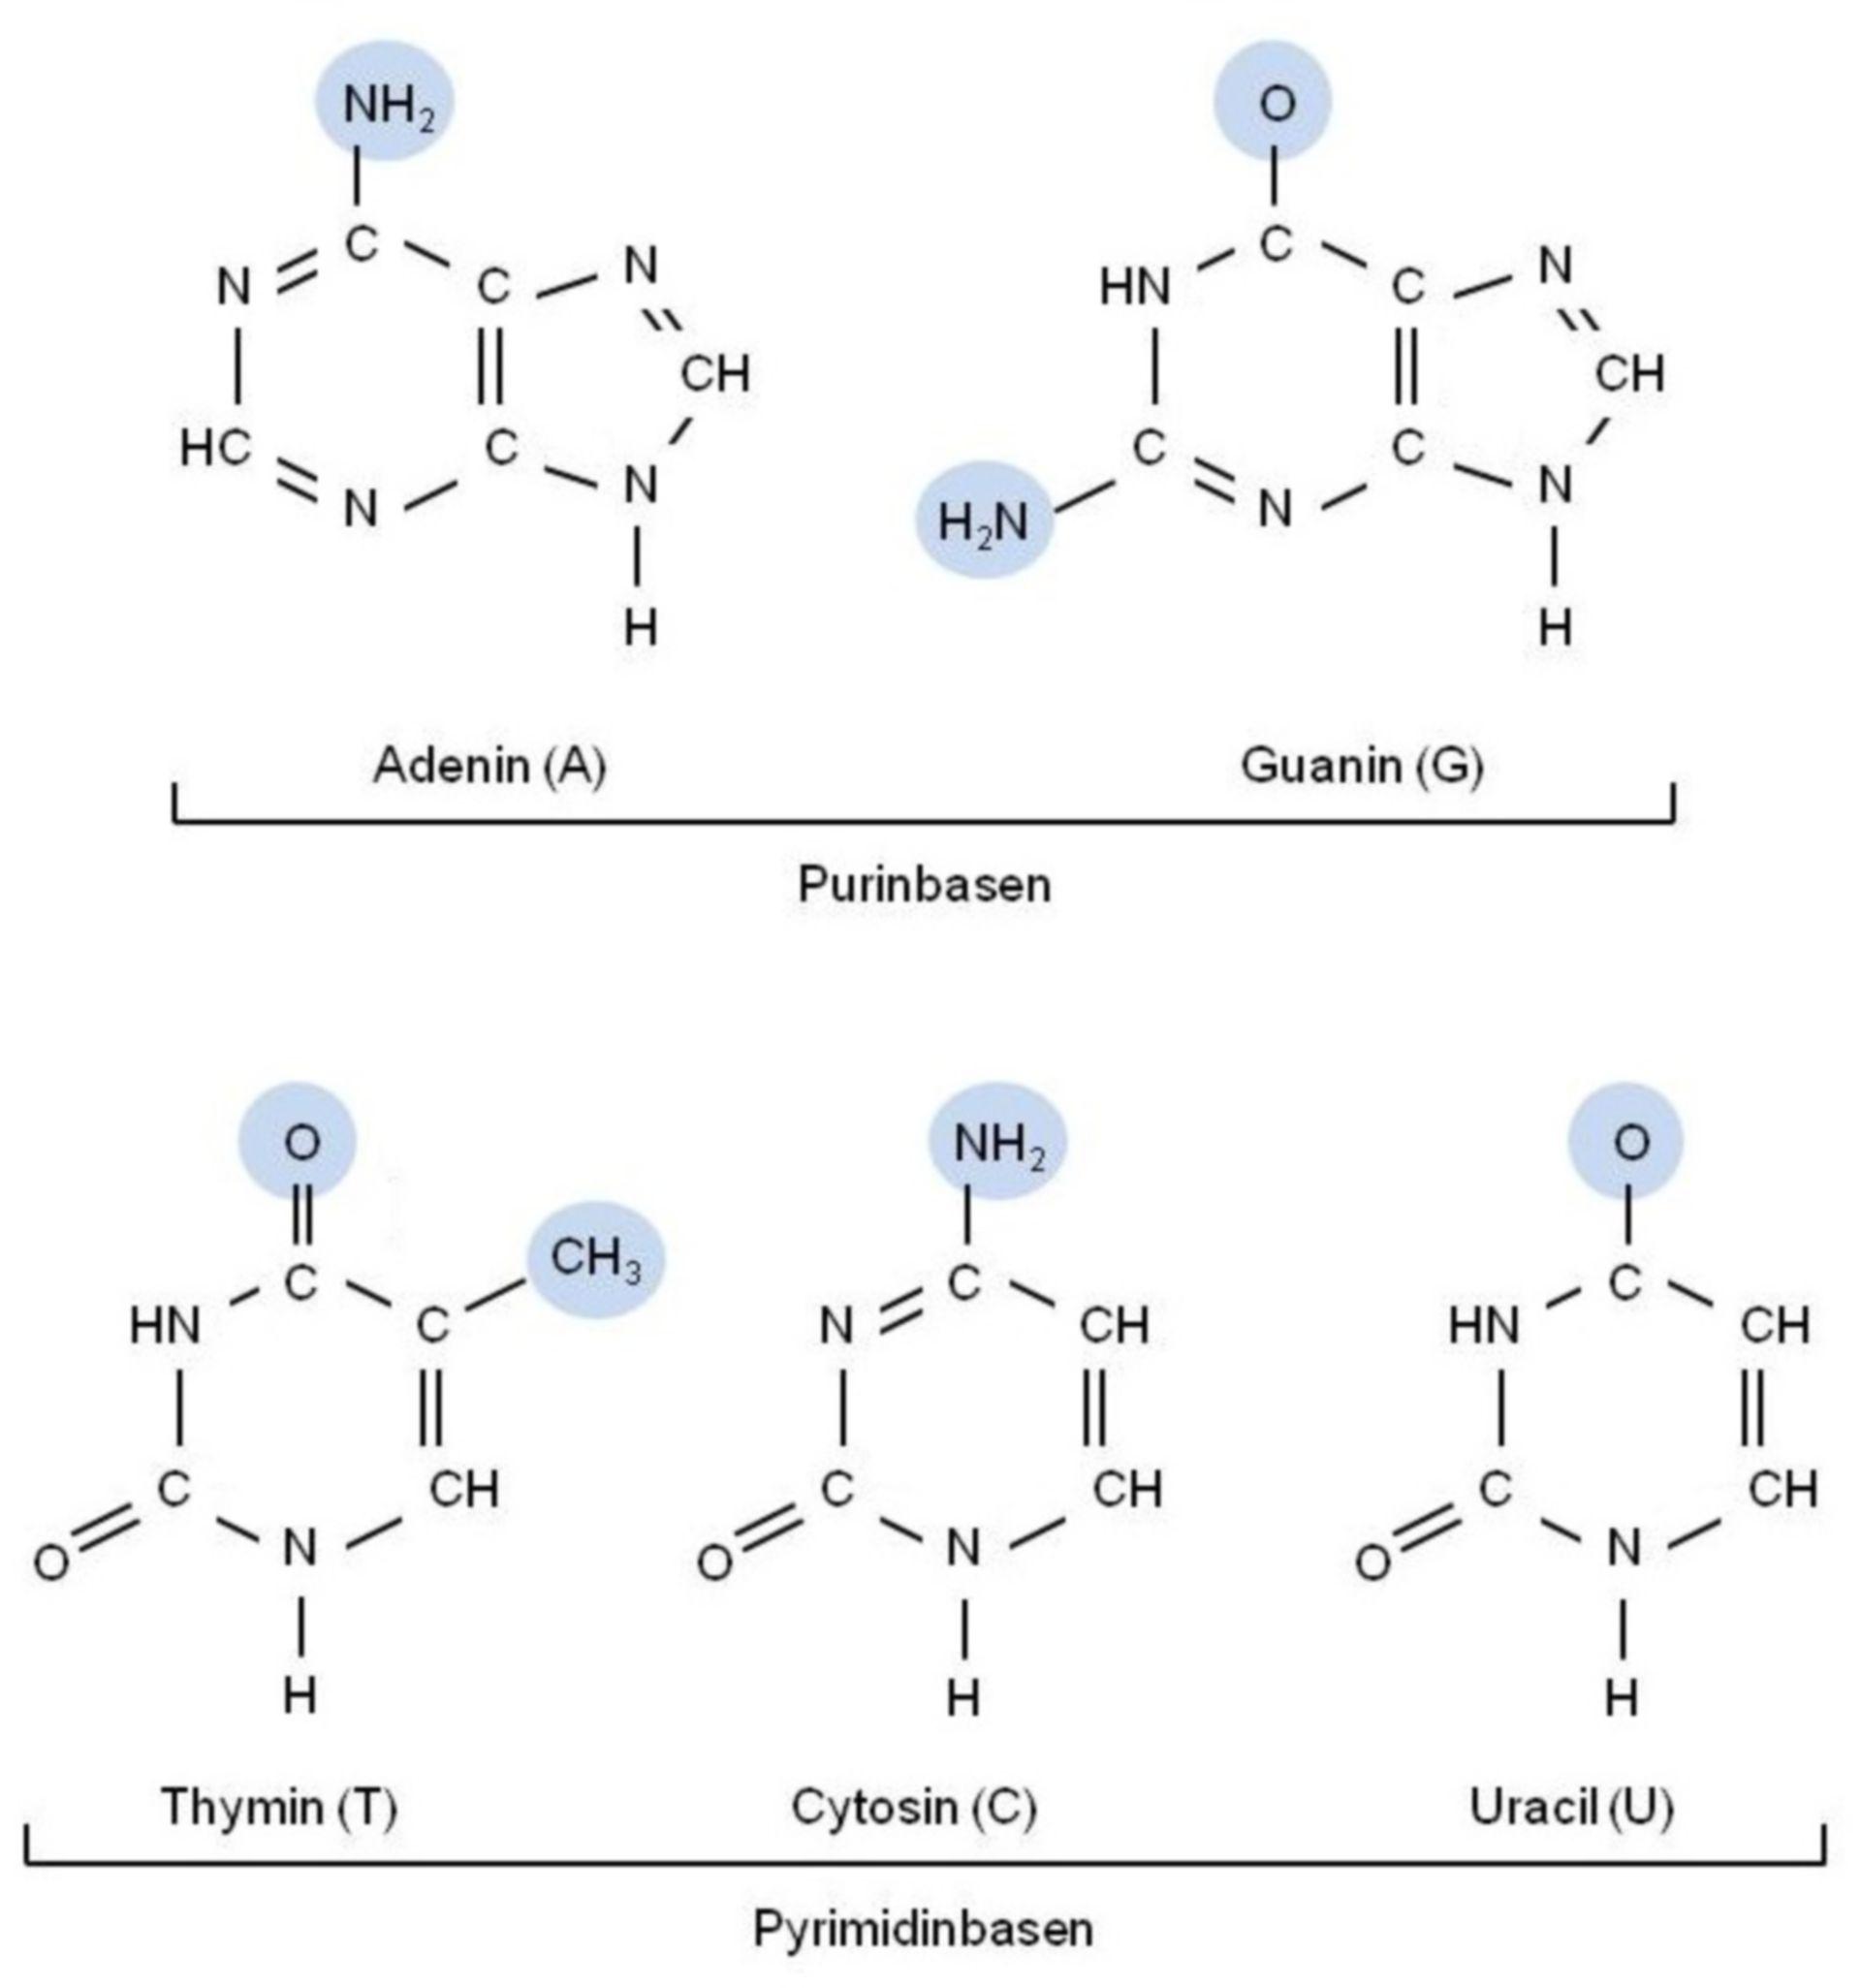 Nucleotide bases